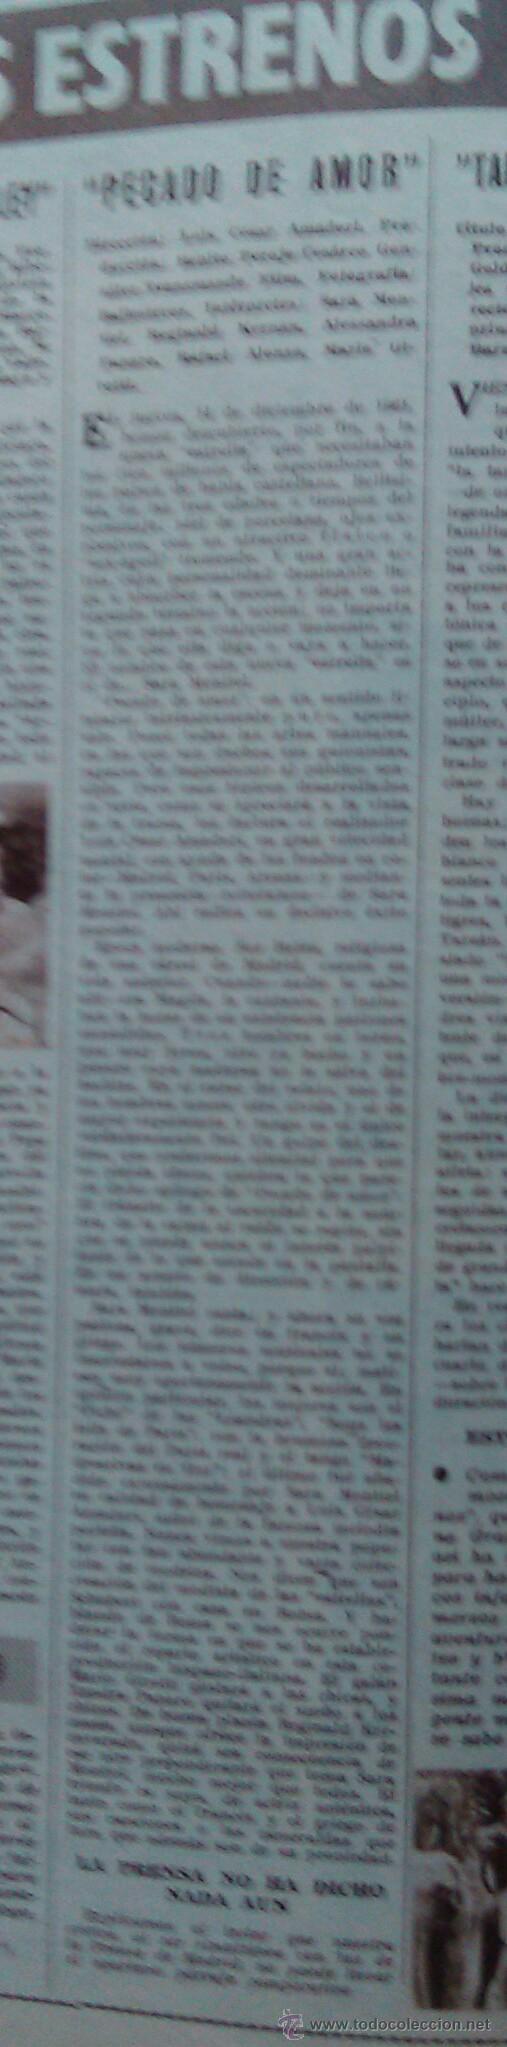 Cine: Cine en 7 Días, nº 36, de diciembre de 1961. Tita Cervera, Ava Gardner. Don Ameche. Sofía Loren - Foto 4 - 45249328